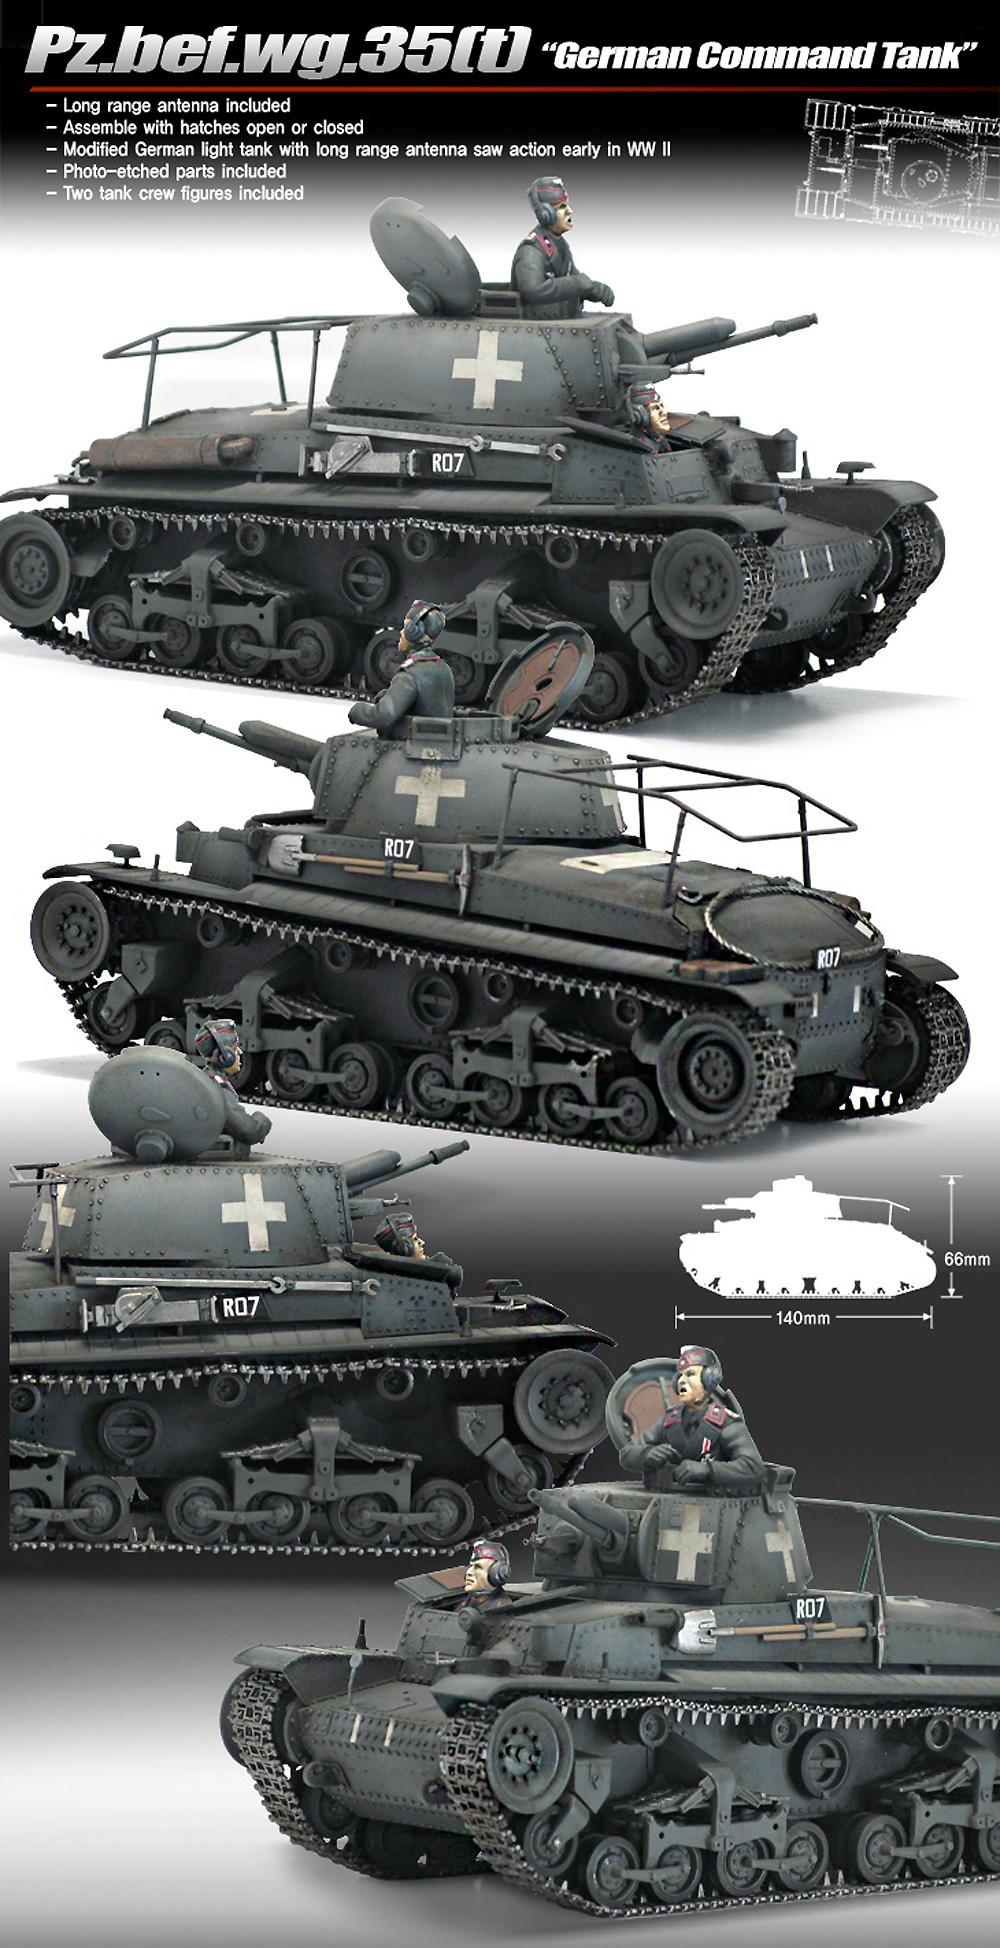 ドイツ 35(t) 指揮戦車プラモデル(アカデミー1/35 ArmorsNo.13313)商品画像_3